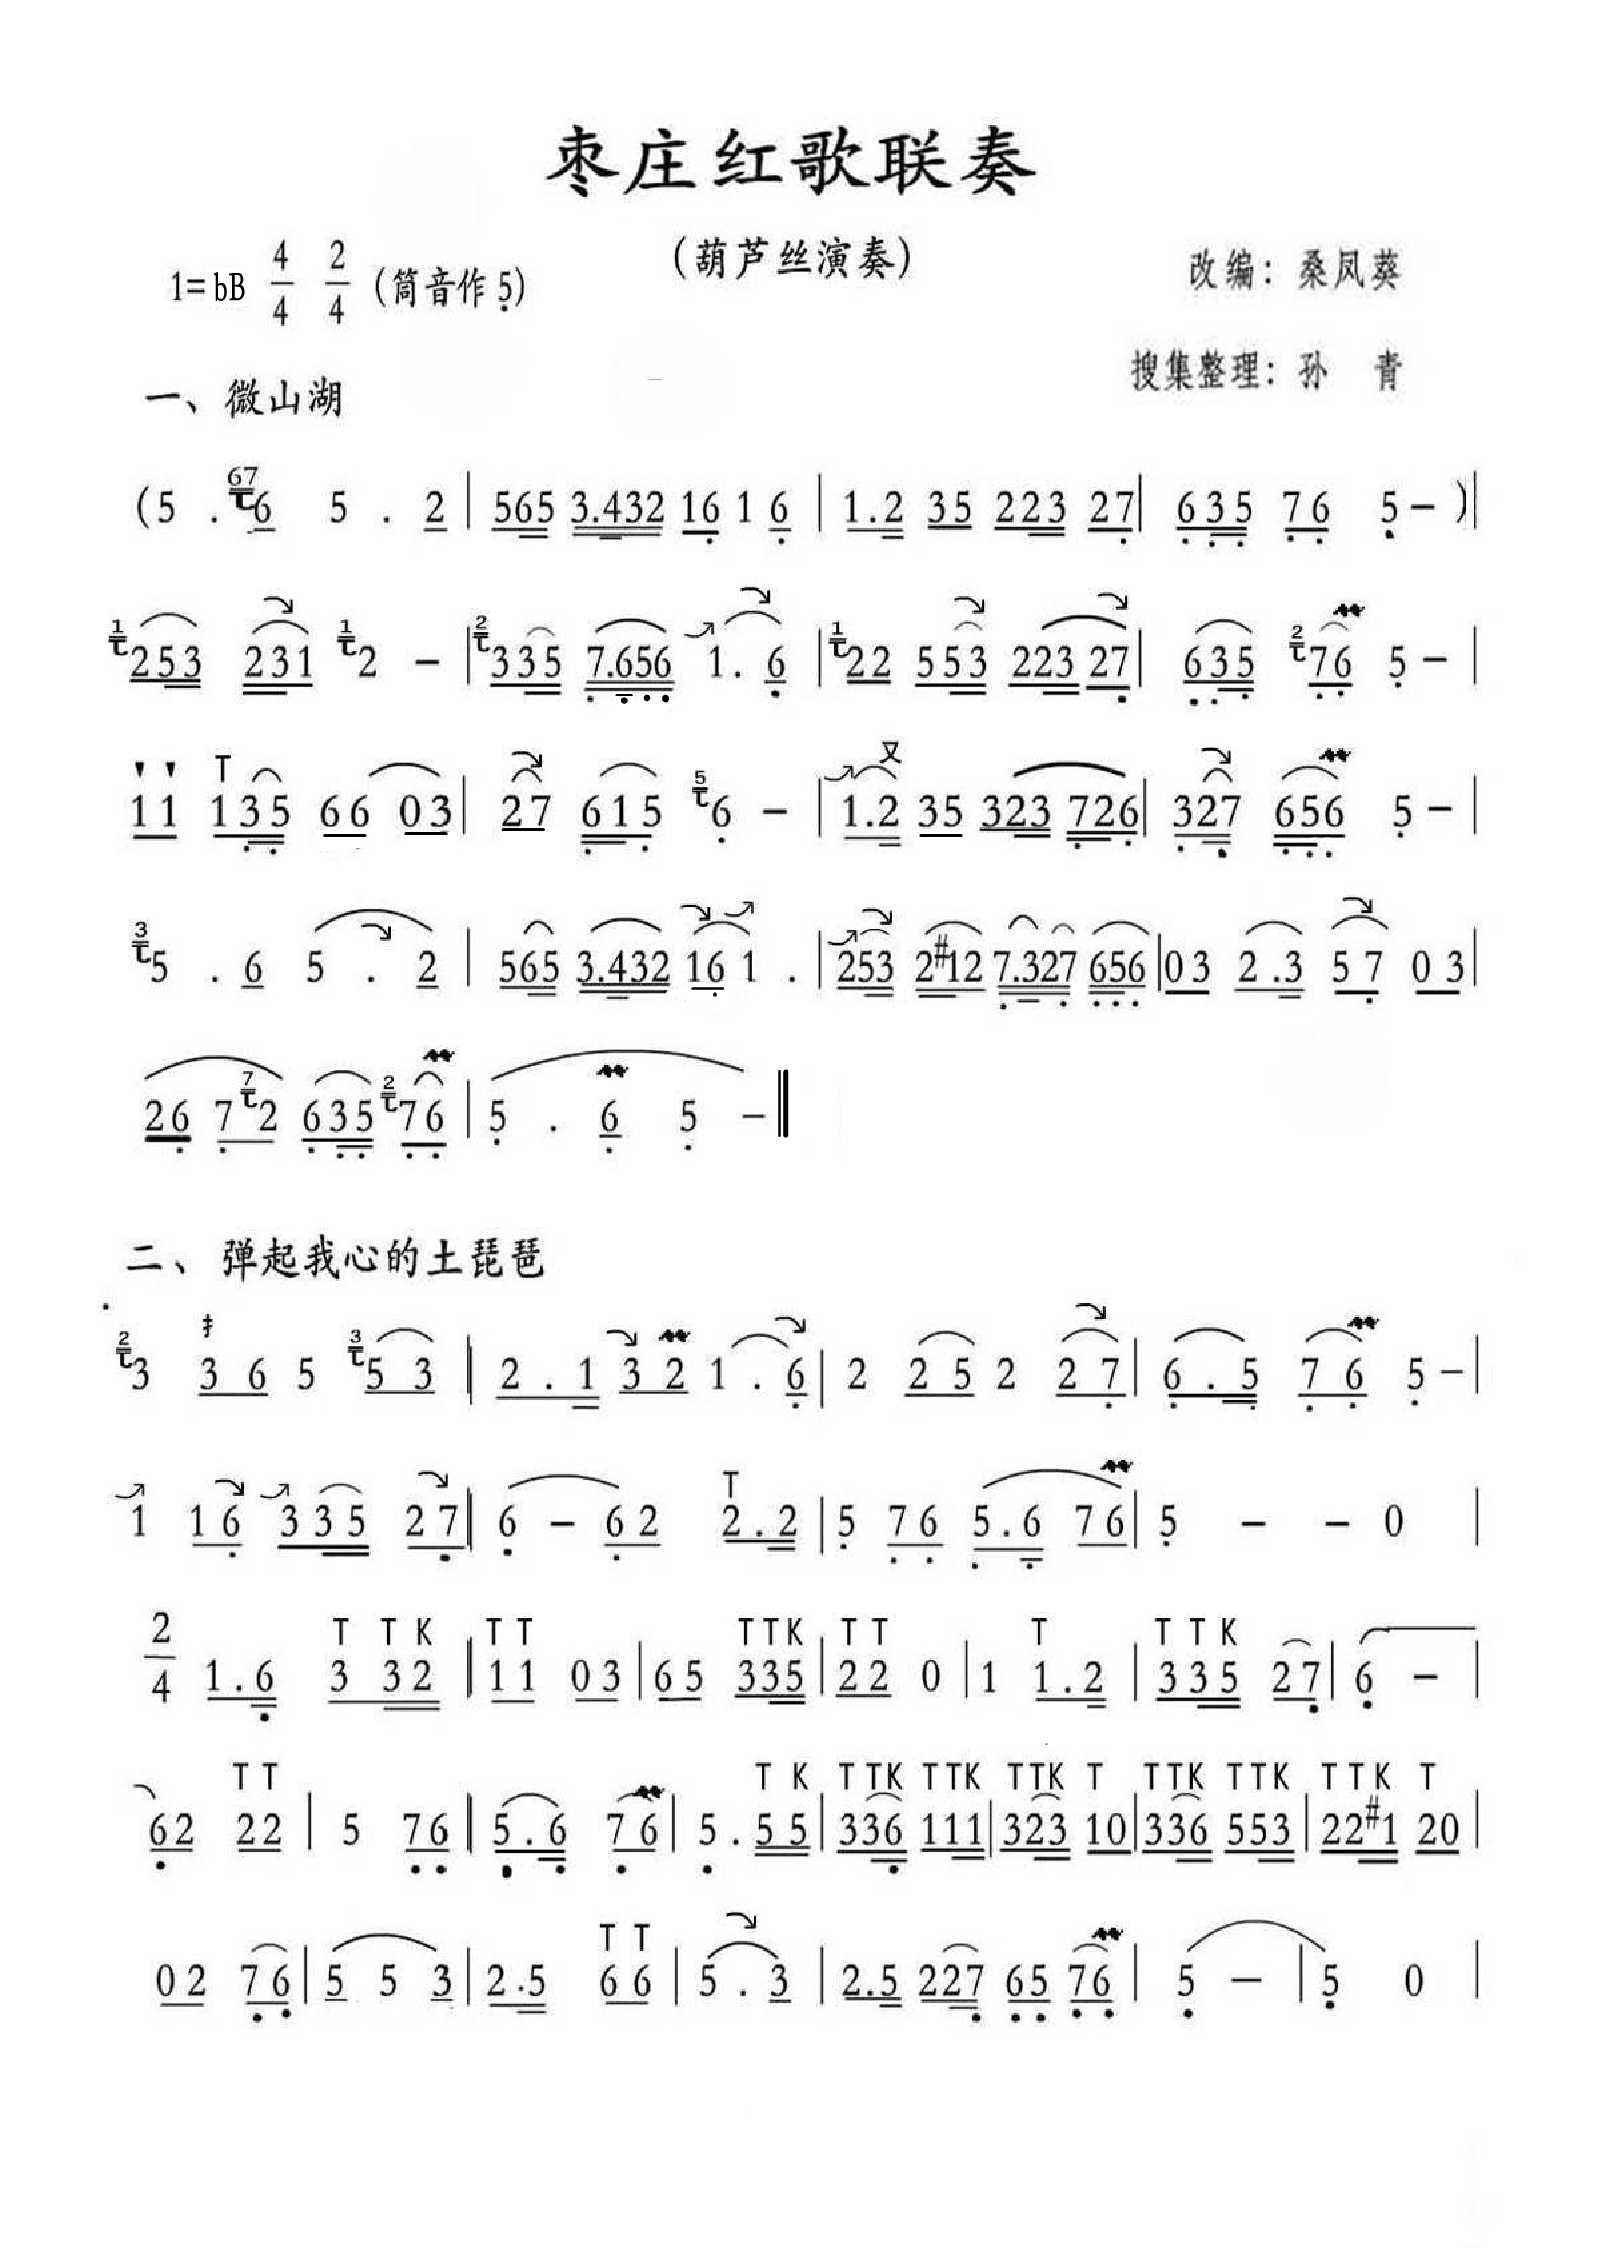 >> 文章内容 >> 红歌曲谱  拉二胡能记住红歌曲谱,目前流行曲谱怎么